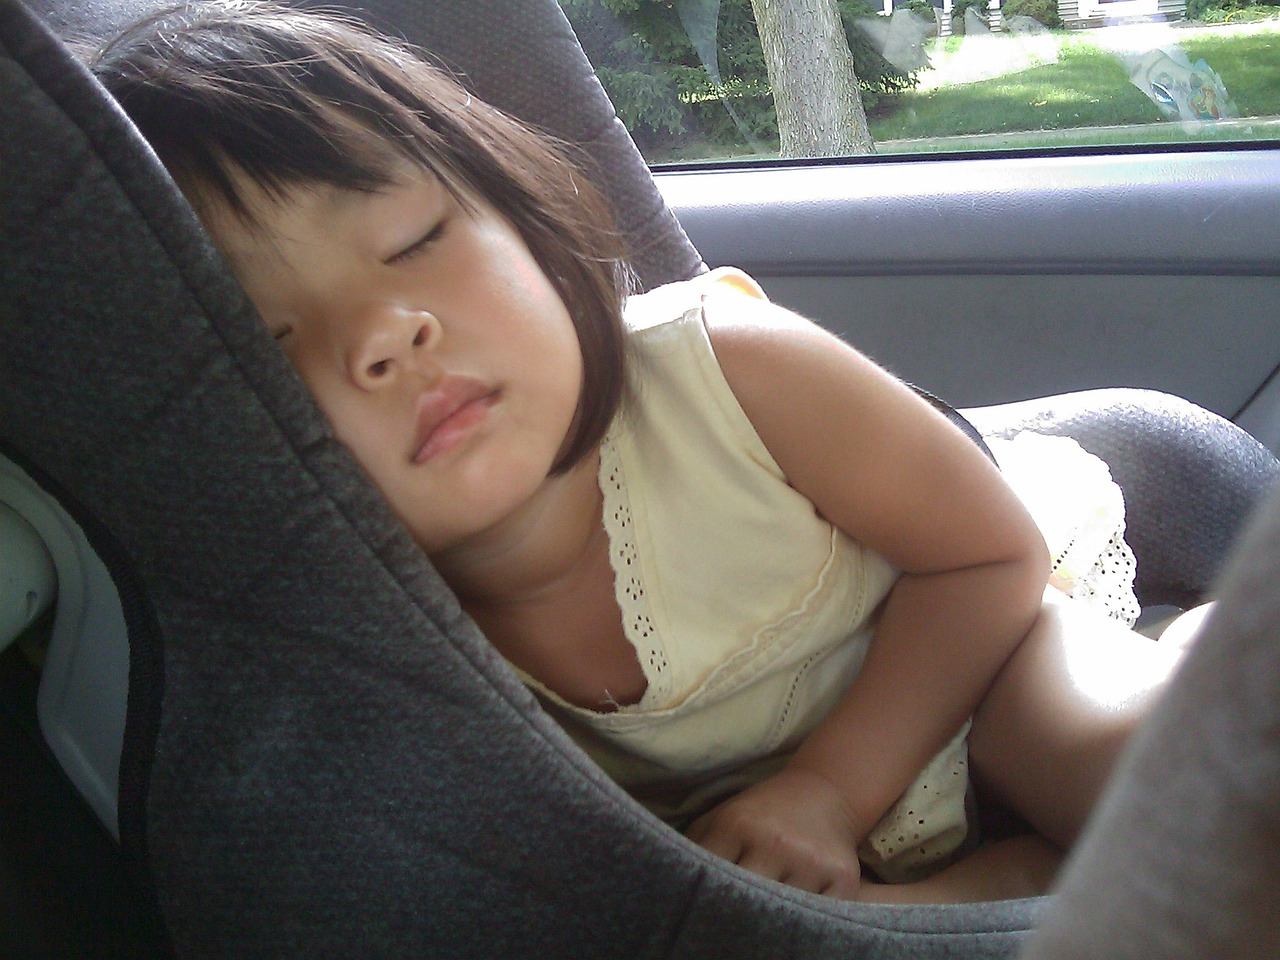 A partir de quel âge faut-il placer bébé face à la route ?